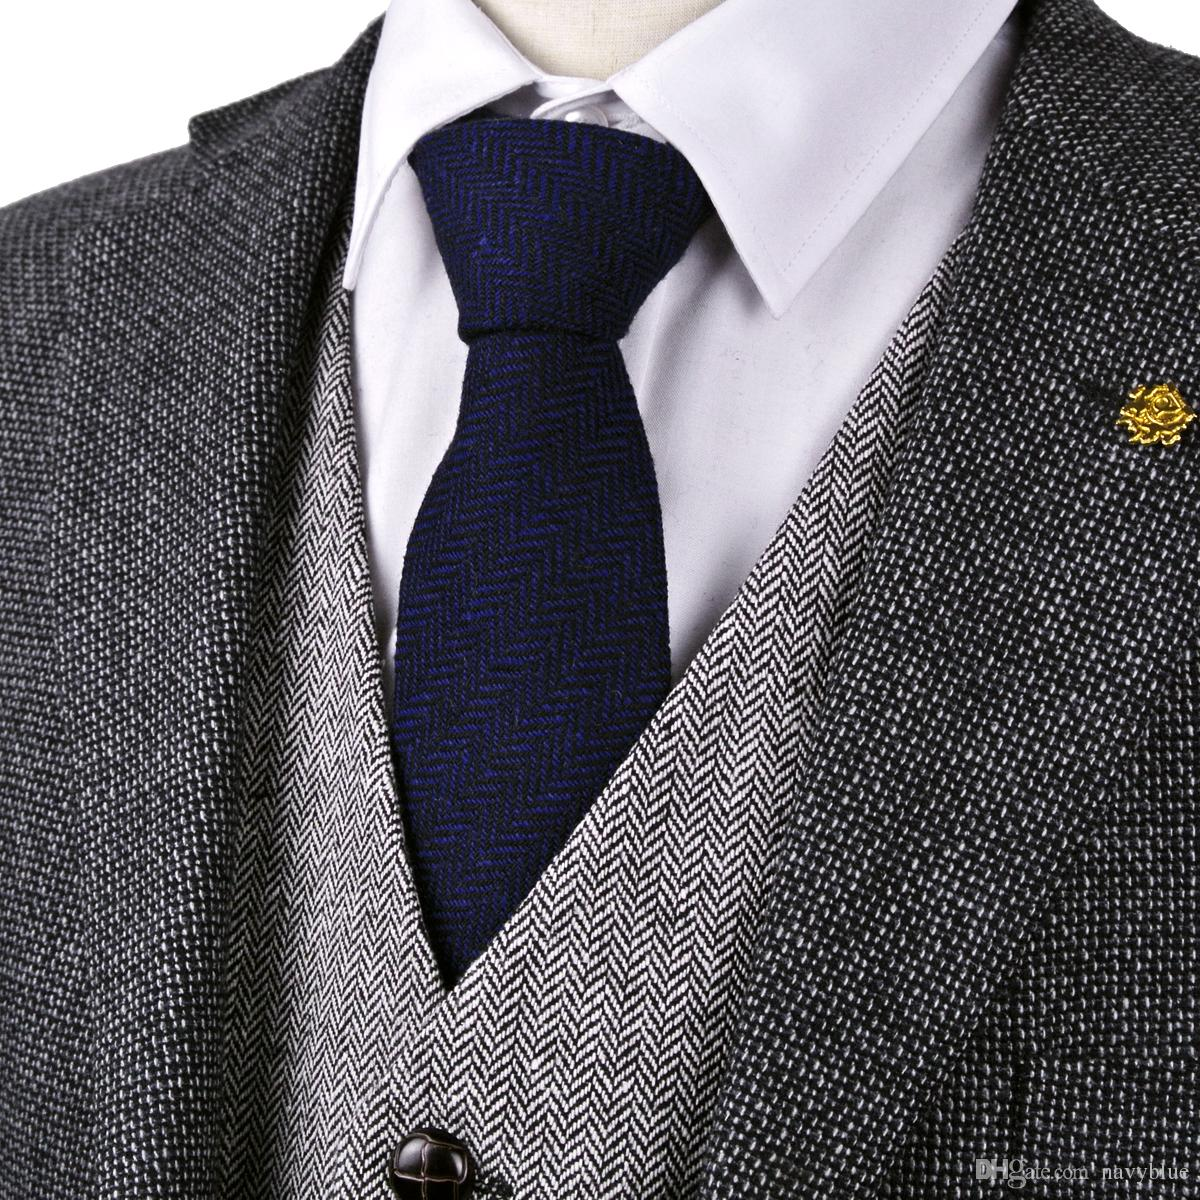 87d79639acdd H42 Herringbone Tweed Solid Navy Blue 7cm Wool Mens Ties Neckties Wholesale  Casual Formal Business Brand New Purple Ties Tie Store From Navyblue, ...